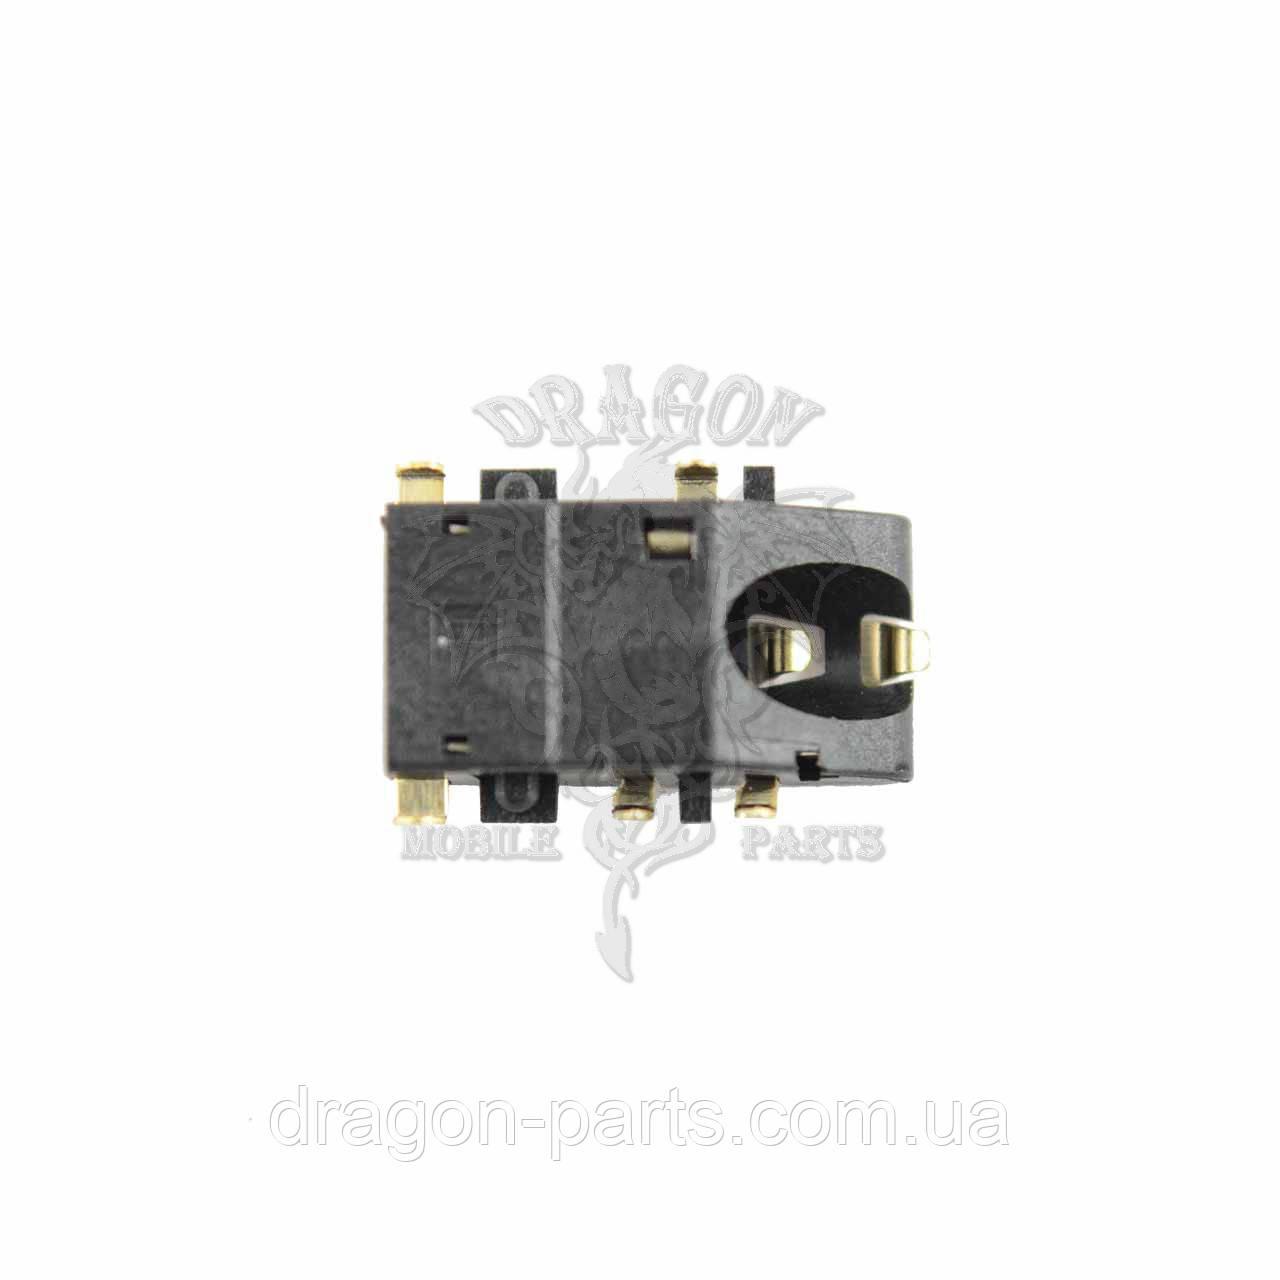 Коннектор роз'єм гарнітури Nomi Ultra 3 LTE C101030, оригінал